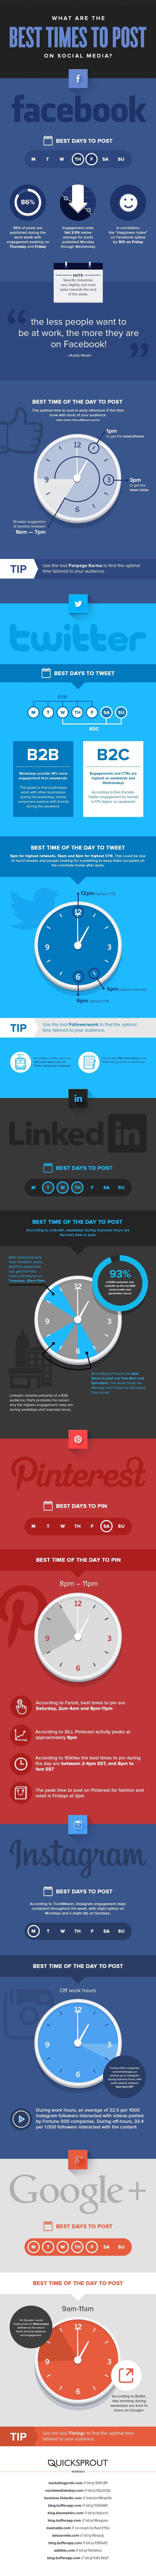 L'infographie des meilleurs moments pour publier sur Facebook